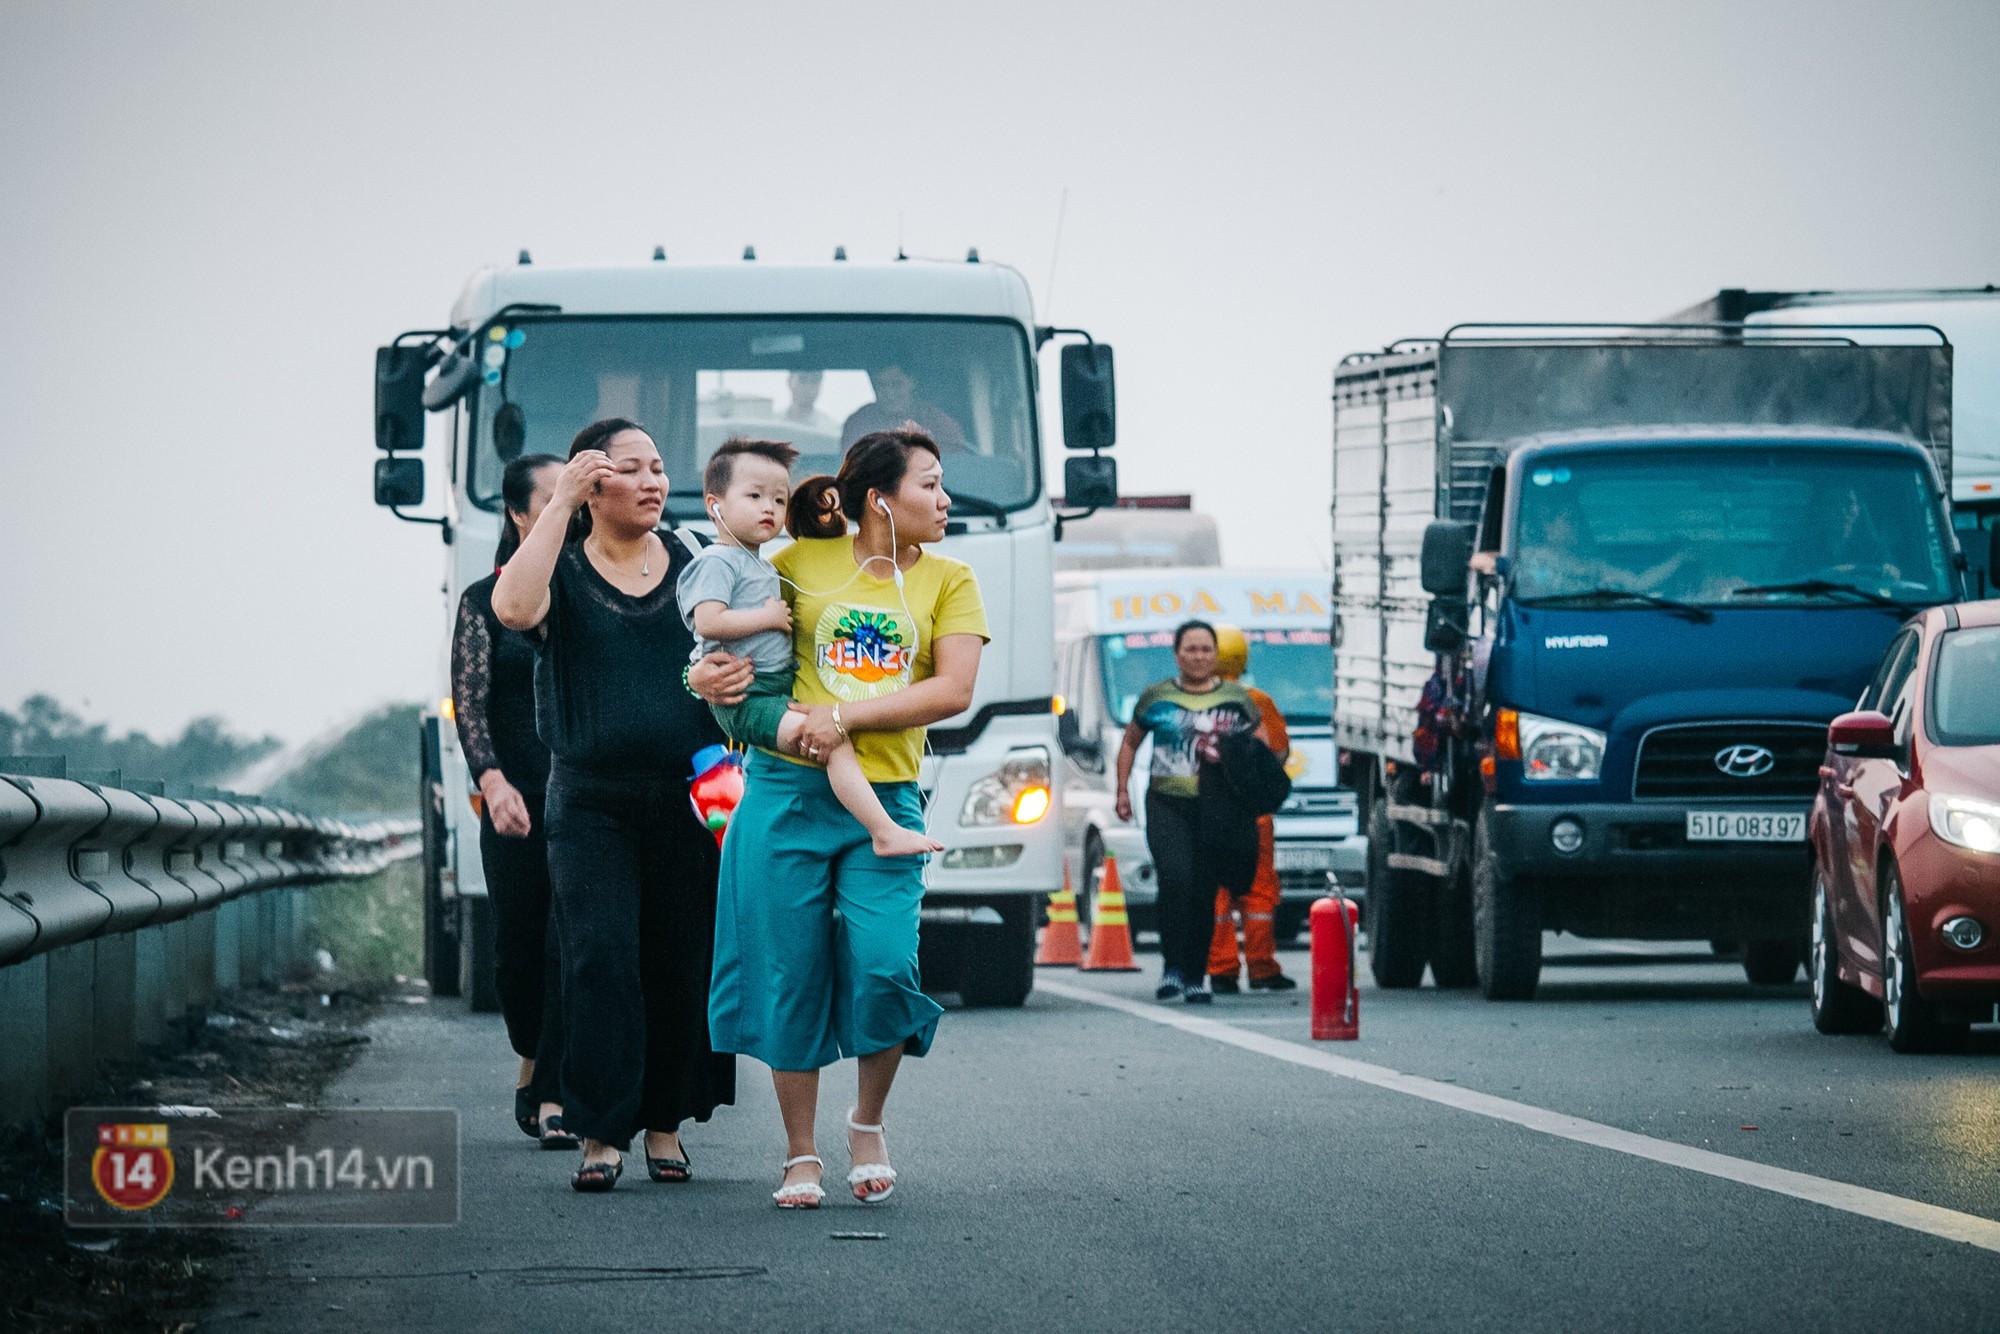 Hành khách ẵm con cuốc bộ trên cao tốc Long Thành sau vụ tai nạn liên hoàn khiến cả tuyến đường kẹt cứng - Ảnh 2.